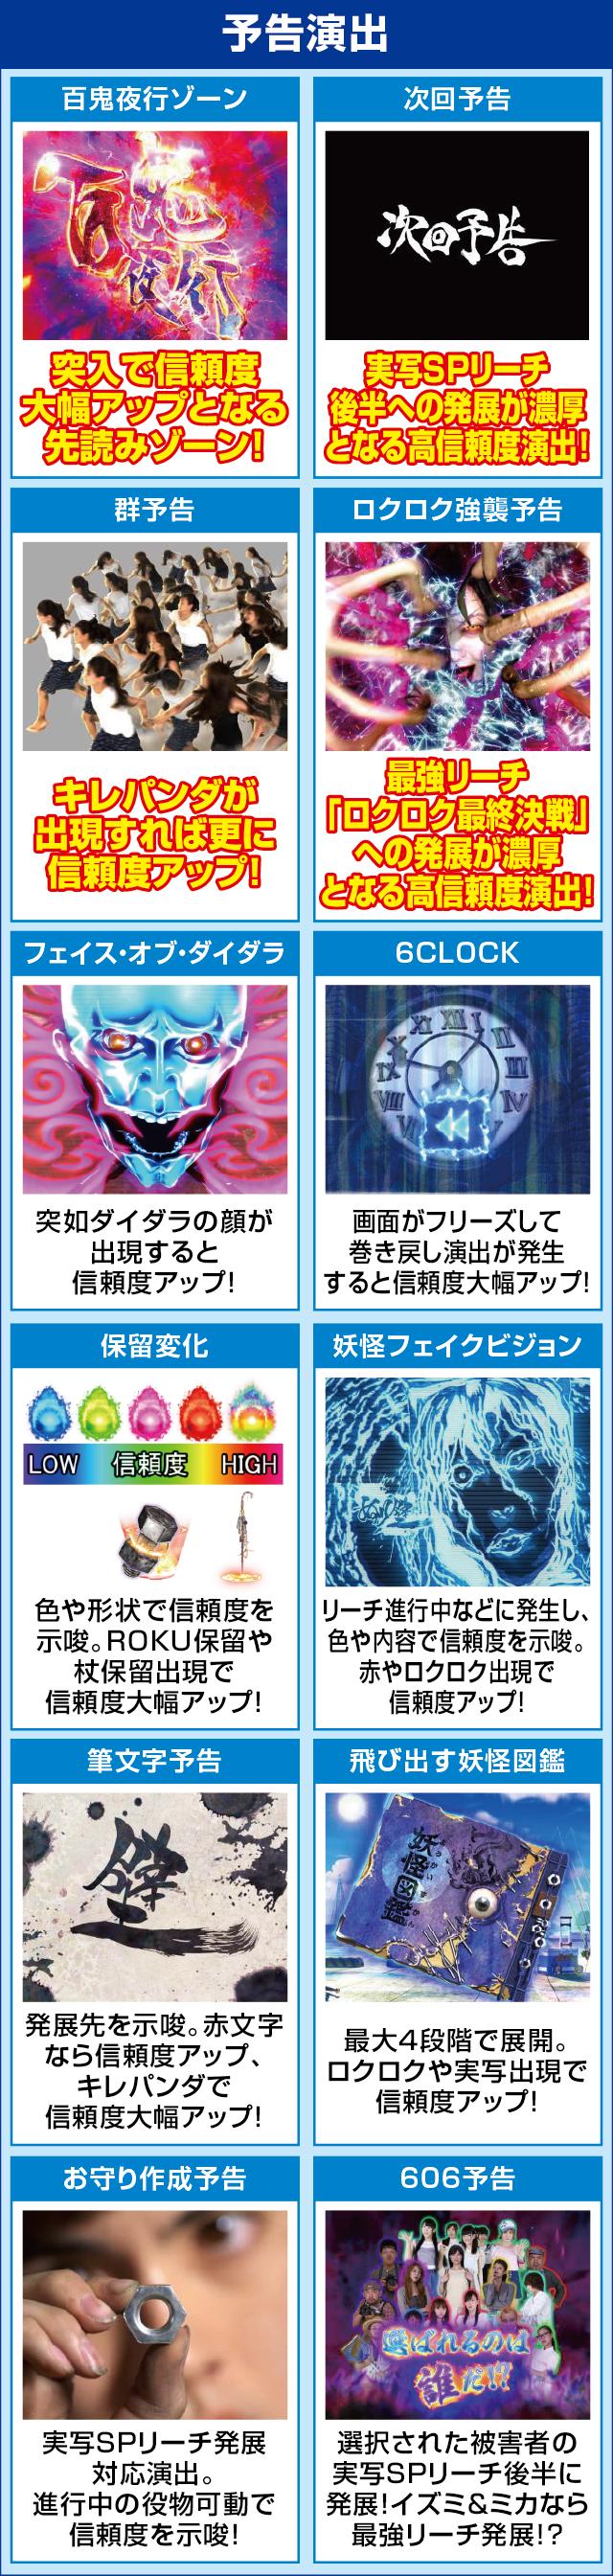 P ROKUROKU 2400ちょい恐Ver.のピックアップポイント